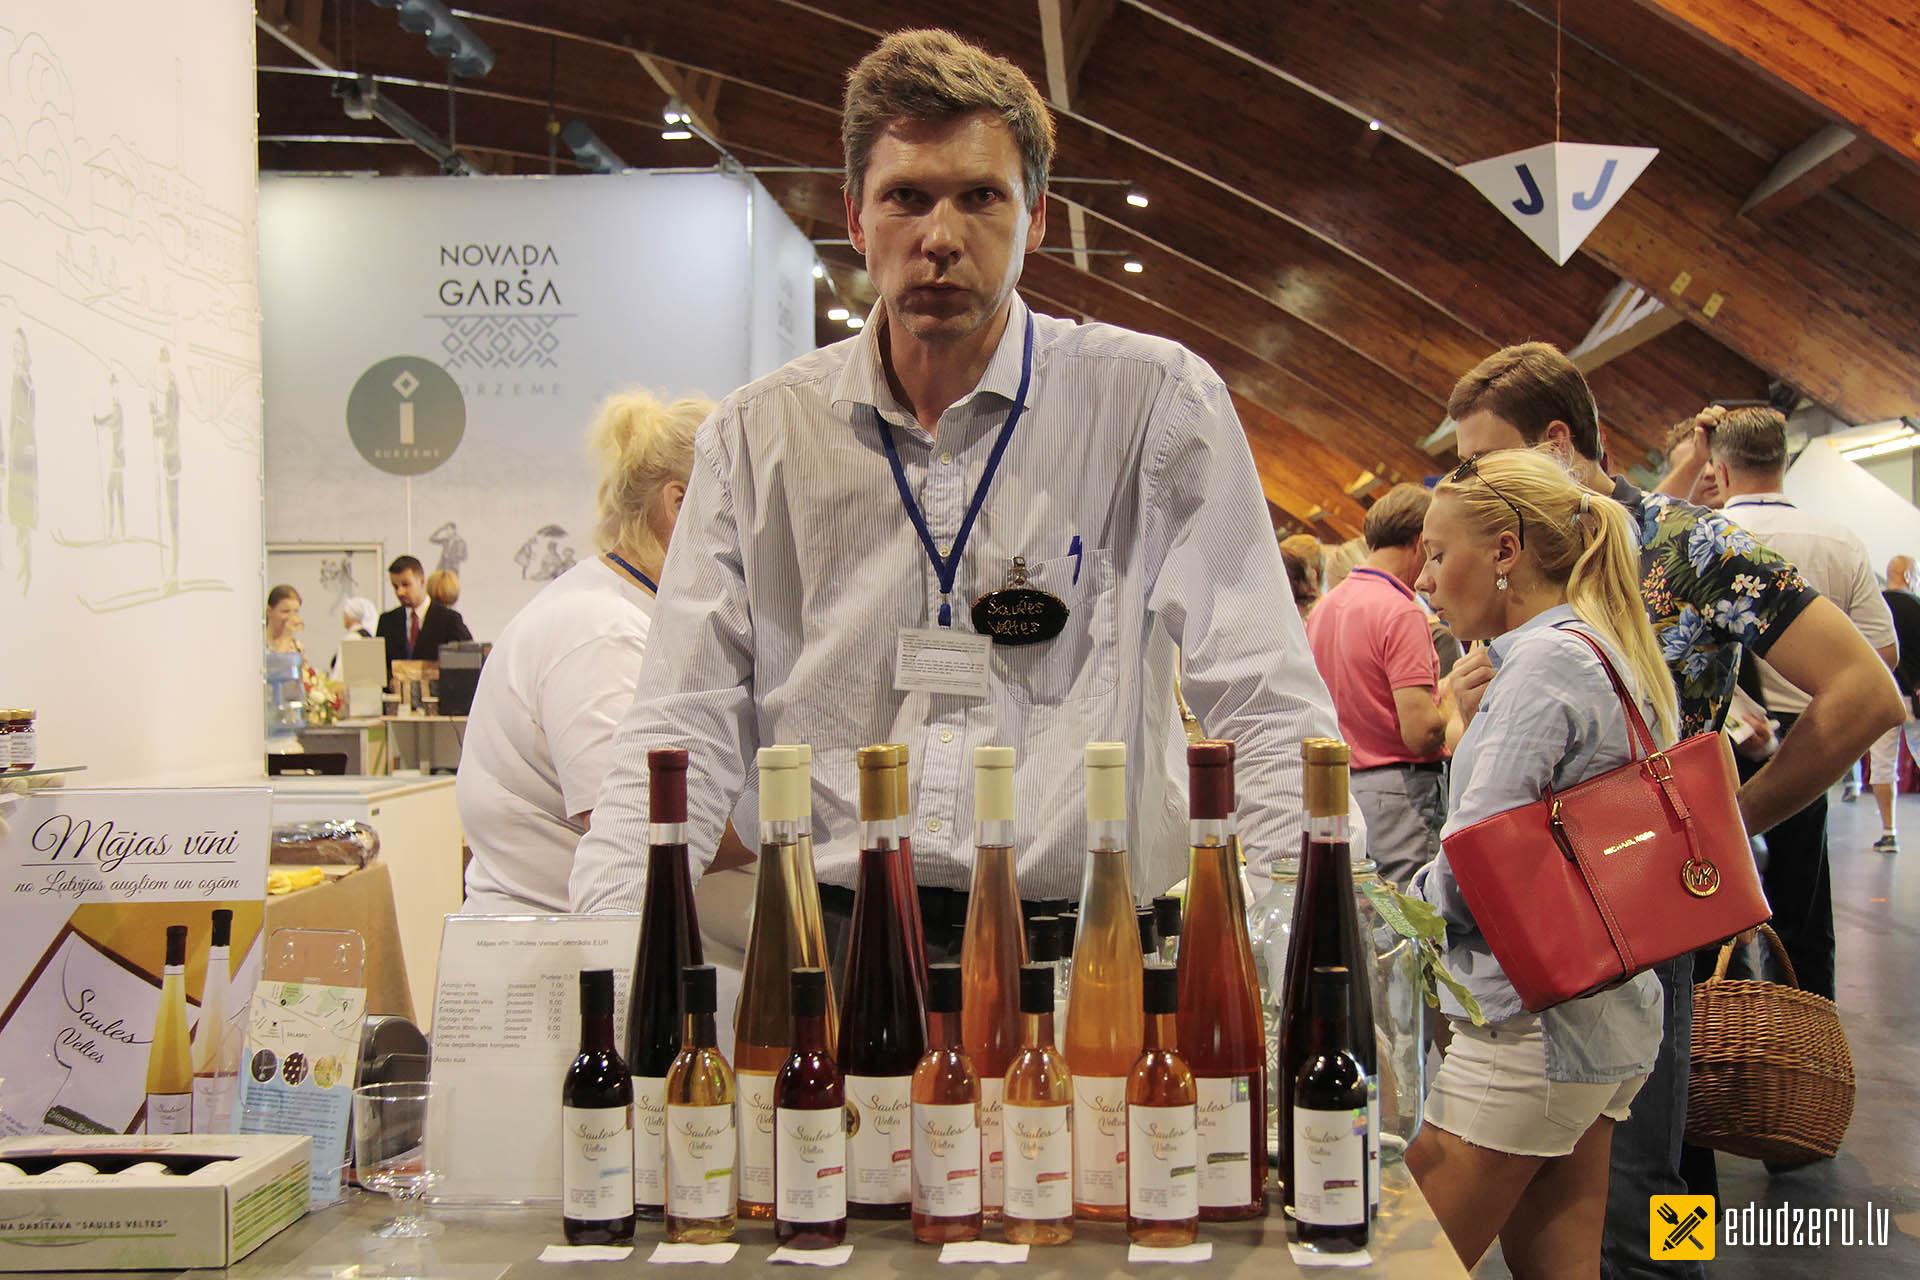 Joprojām viens no garšīgākajiem mājražotāju vīniem. Iesakām iegādāties vīna degustācijas komplektu, lai atrastu savu favorītu.